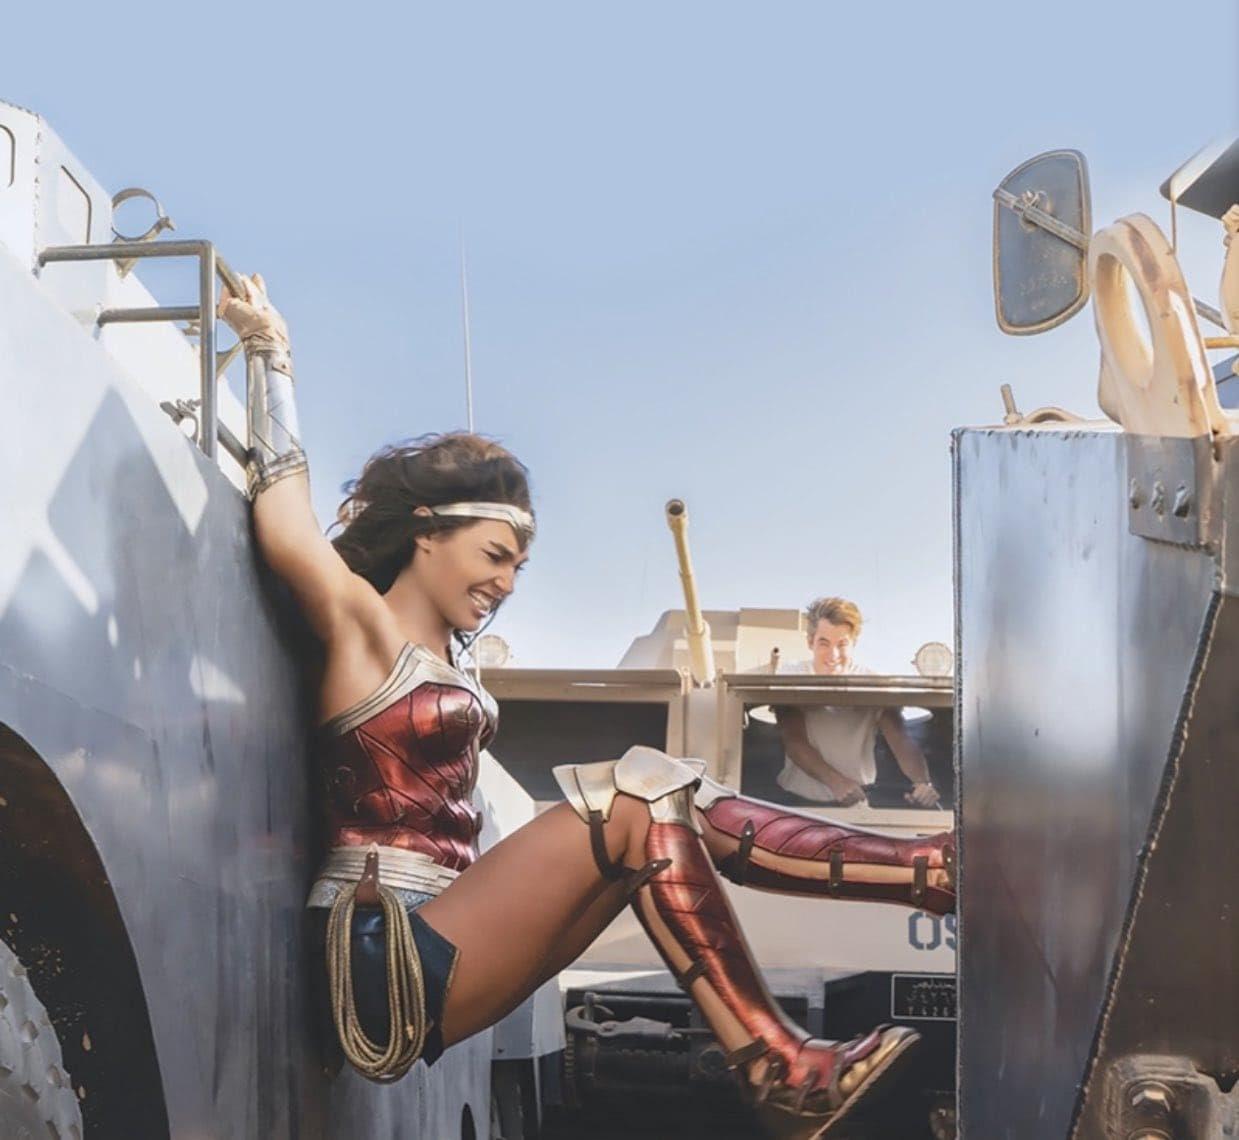 Wonder Woman 1984 : ガル・ガドット主演の DC コミックスの戦うヒロイン映画の第2弾「ワンダーウーマン 1984」の上映時間が明らかになった ! !